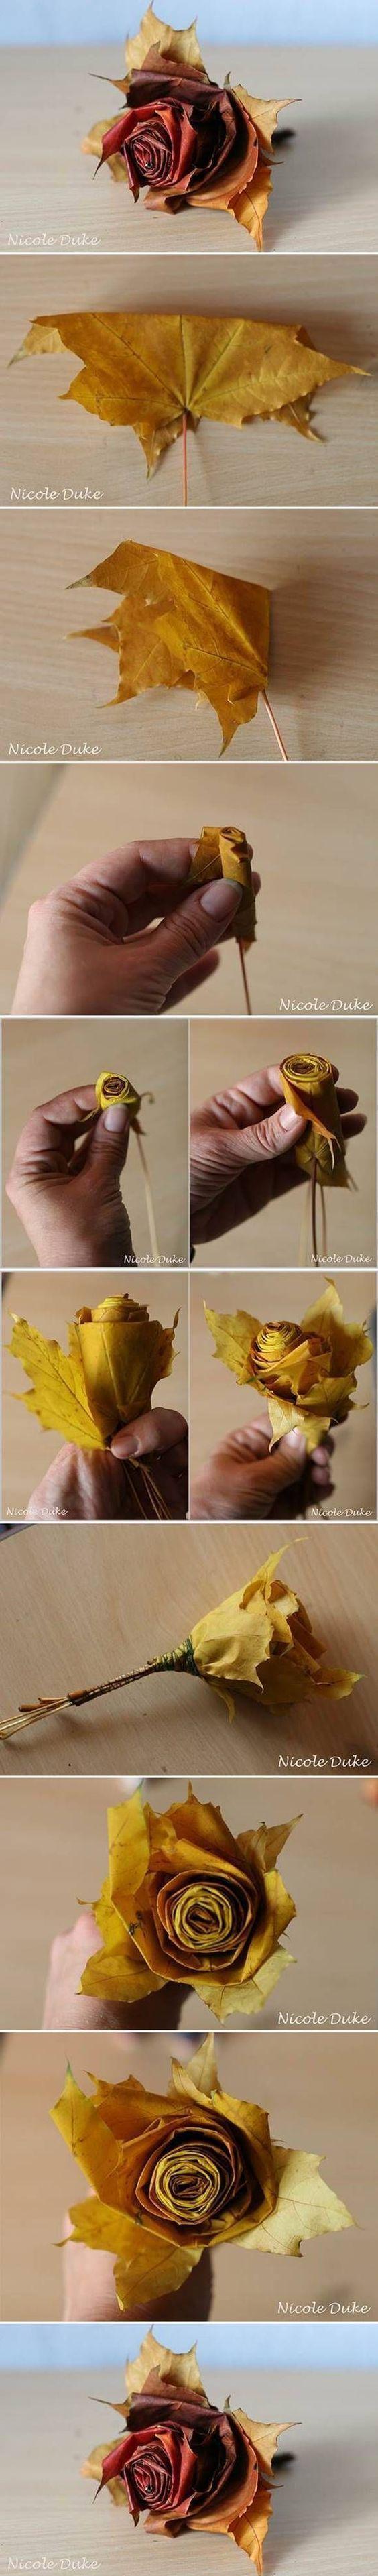 Herbstdeko selber machen – 15 DIY Bastelideen für die dritte Jahreszeit